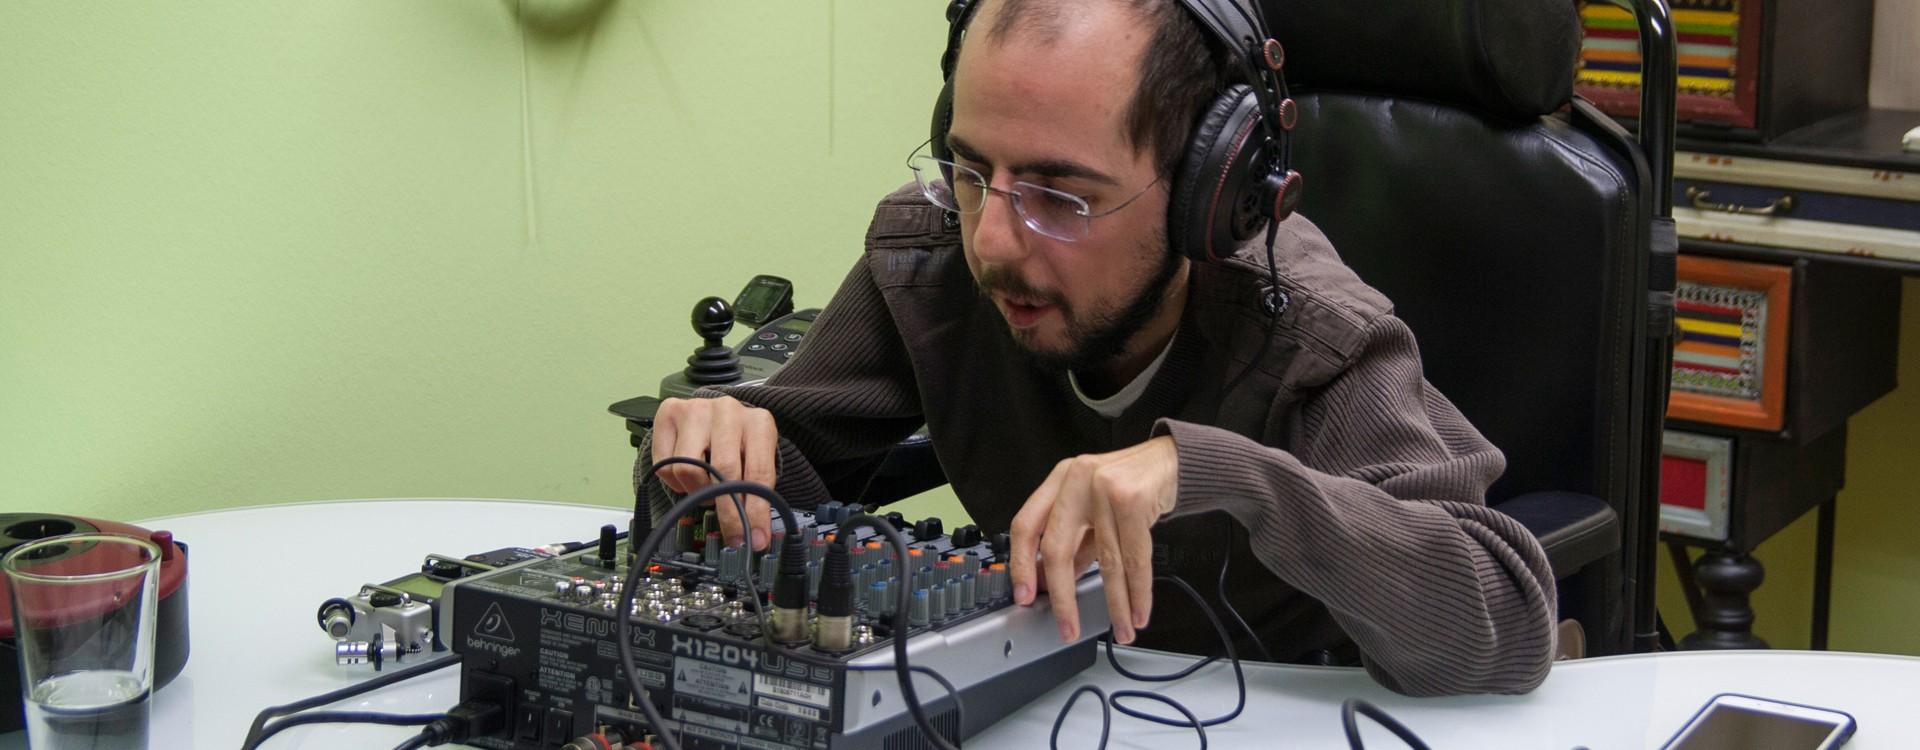 Markus Ladstätter nimmt eine Sendung barrierefrei aufgerollt auf